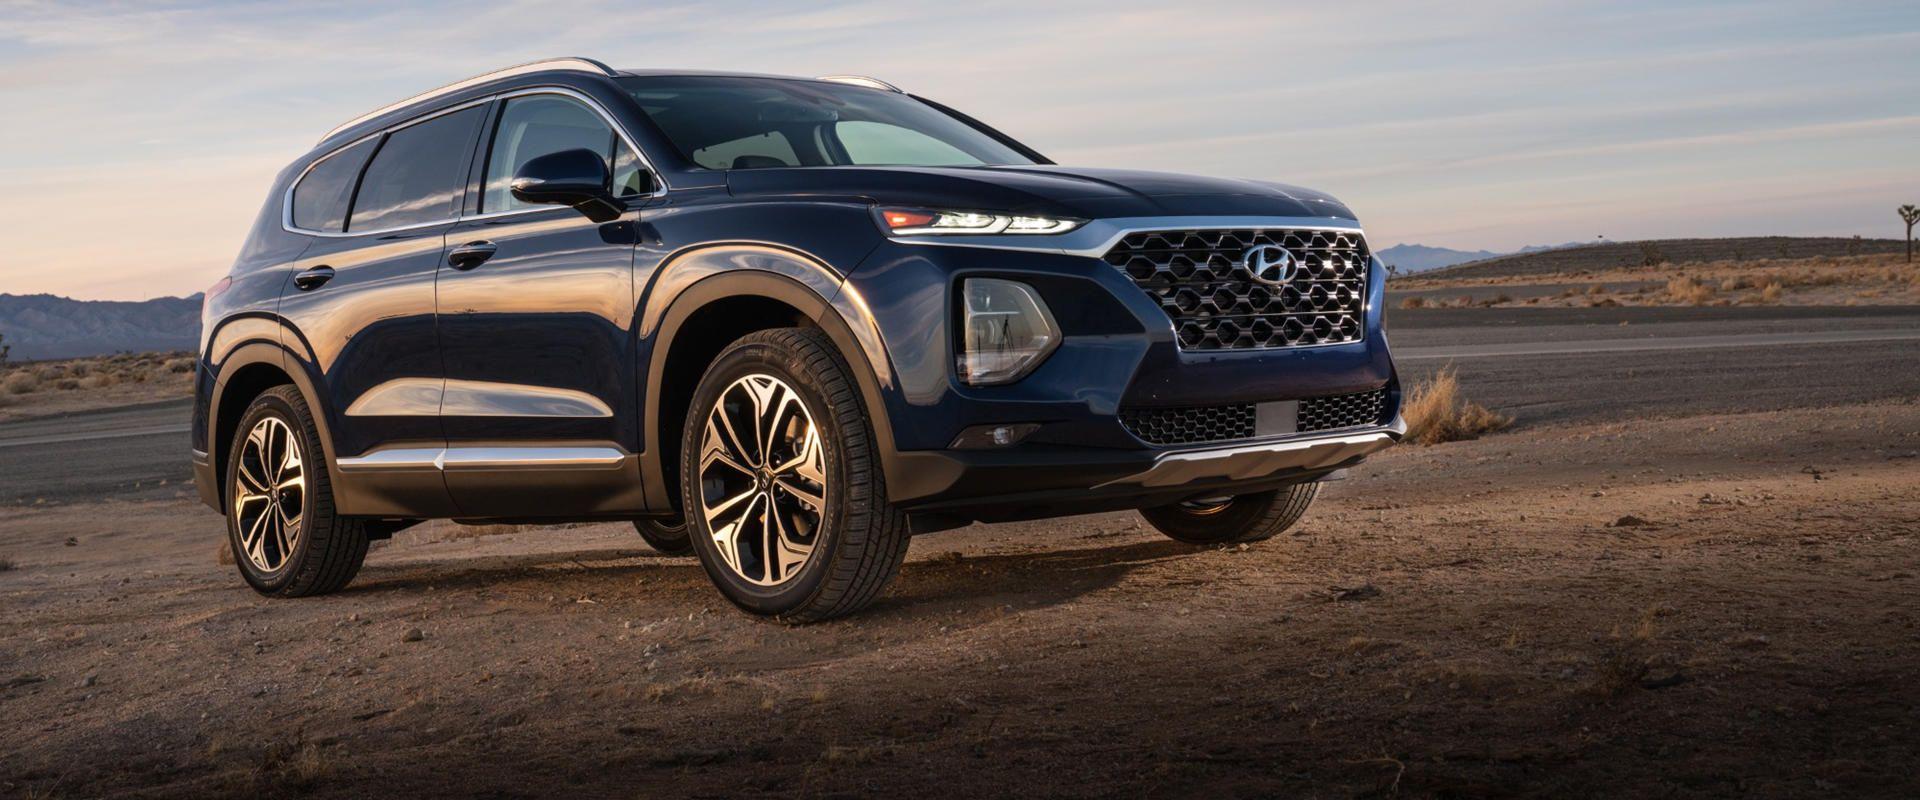 Introducing the 2019 Hyundai Santa Fe to Tulsa Hyundai